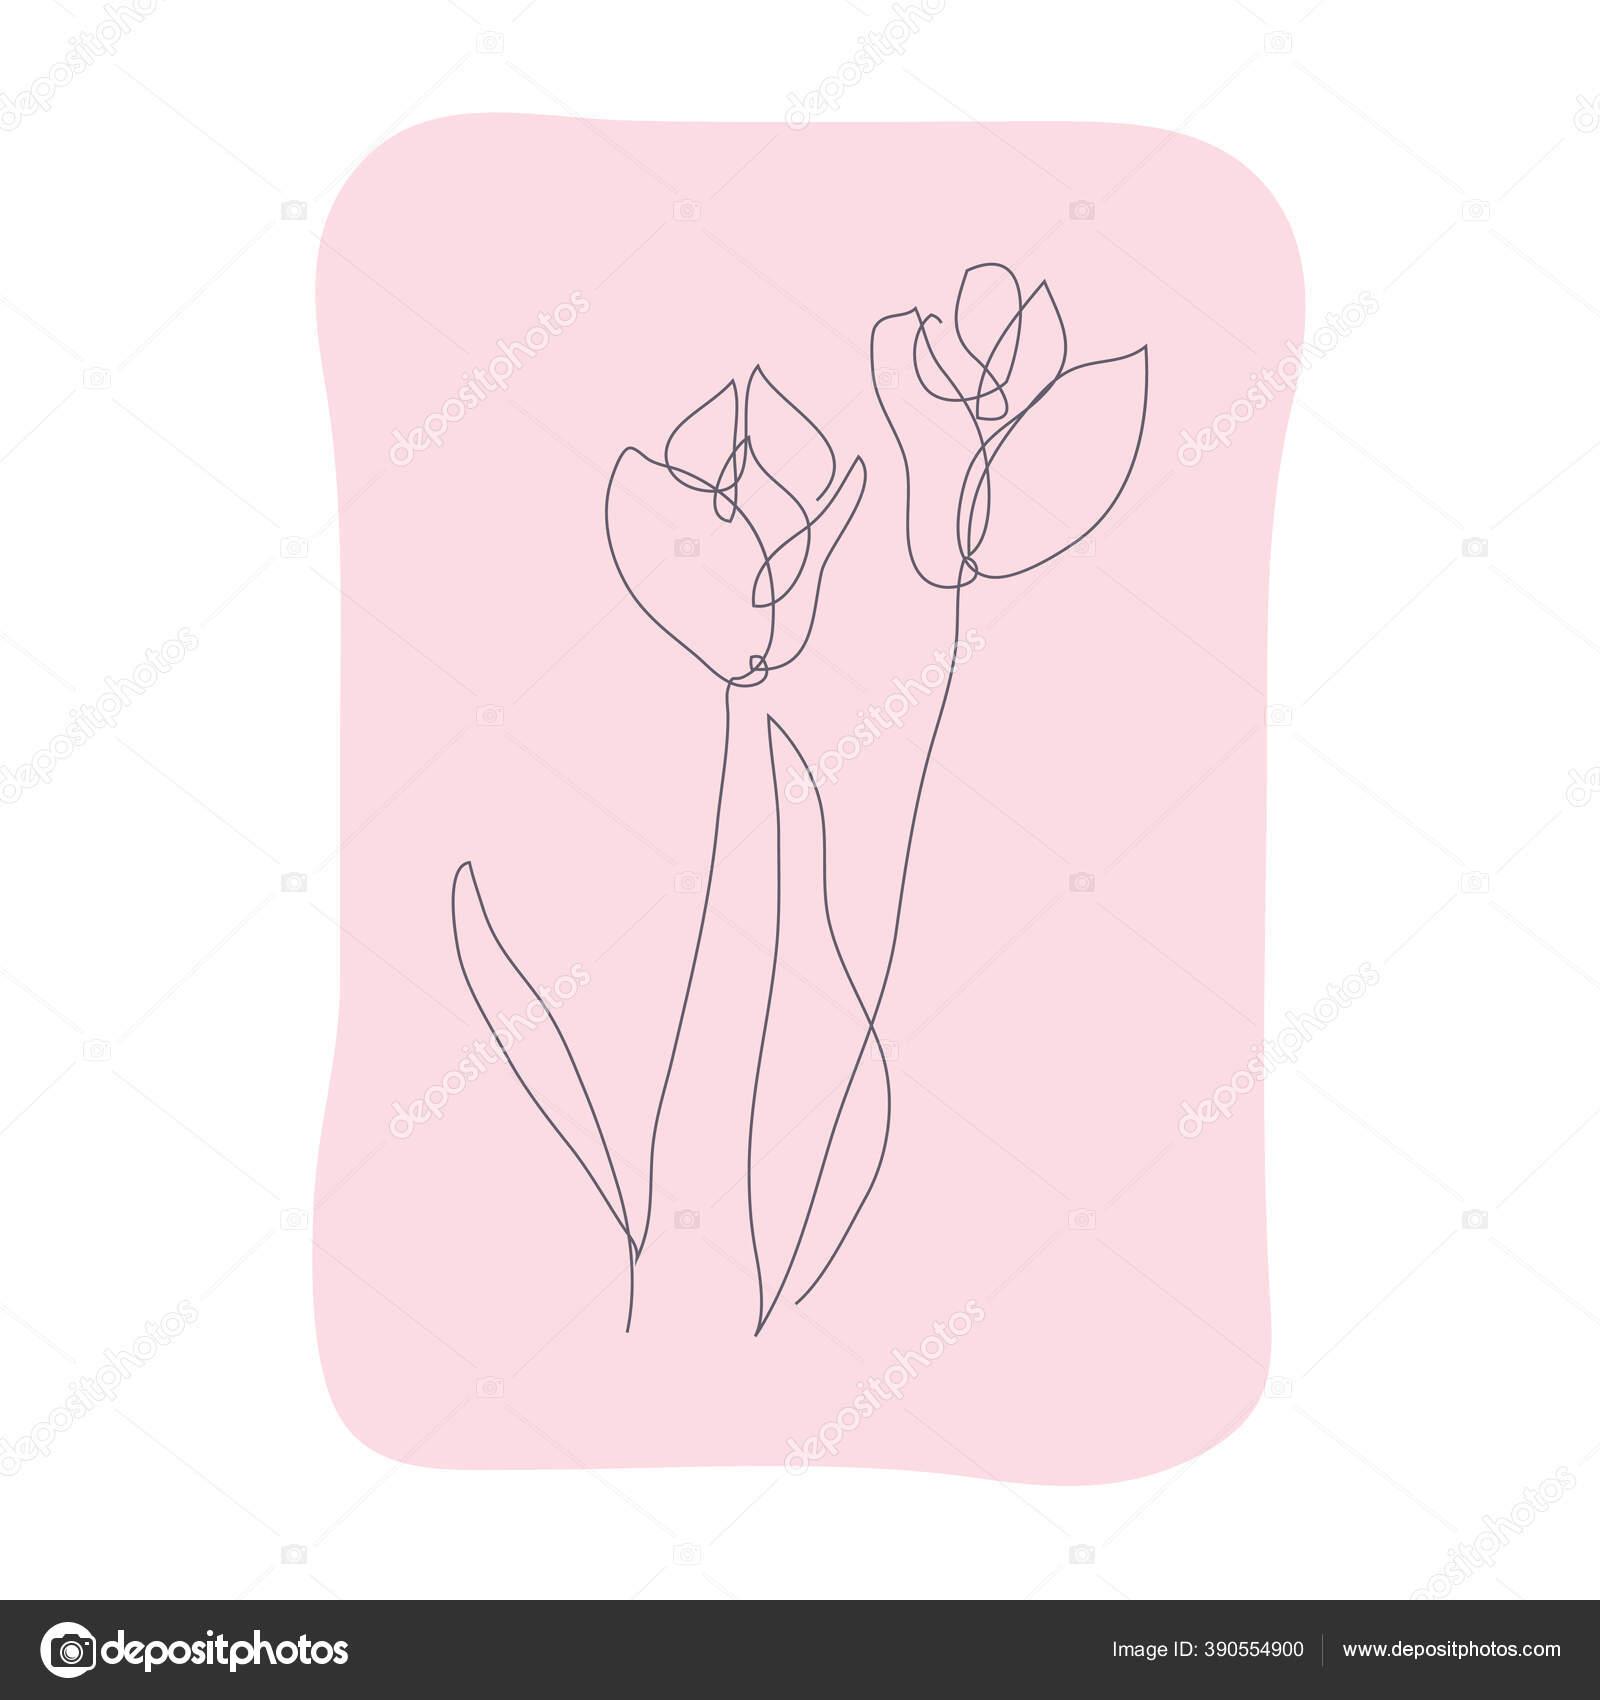 Dekorasi Tangan Gambar Bunga Tulip Desain Elemen Dapat Digunakan Untuk Stok Vektor C Chantall 390554900